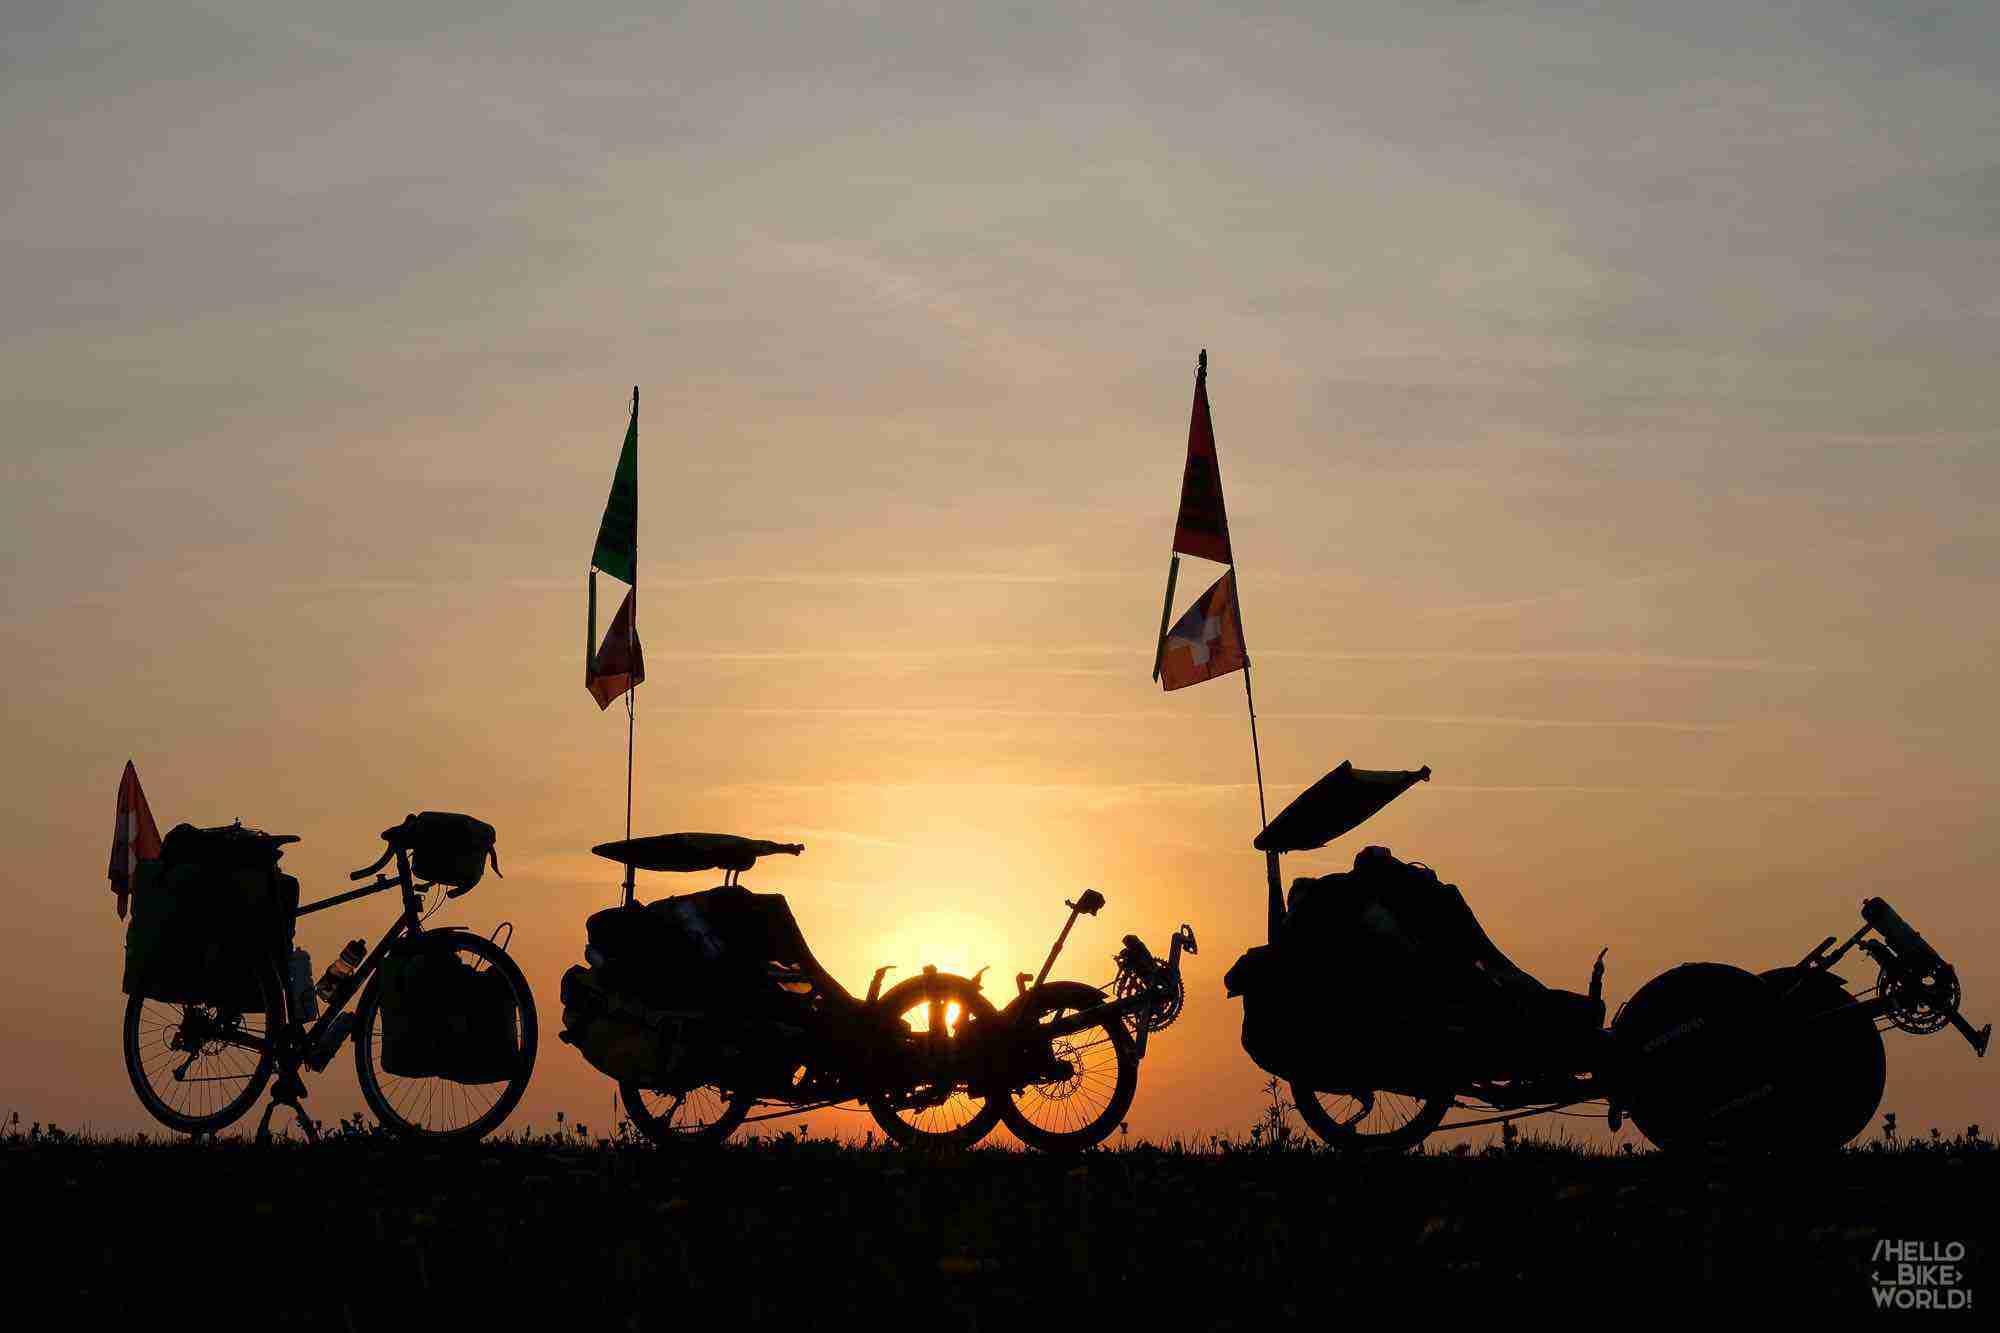 Le trio des machines au coucher de soleil